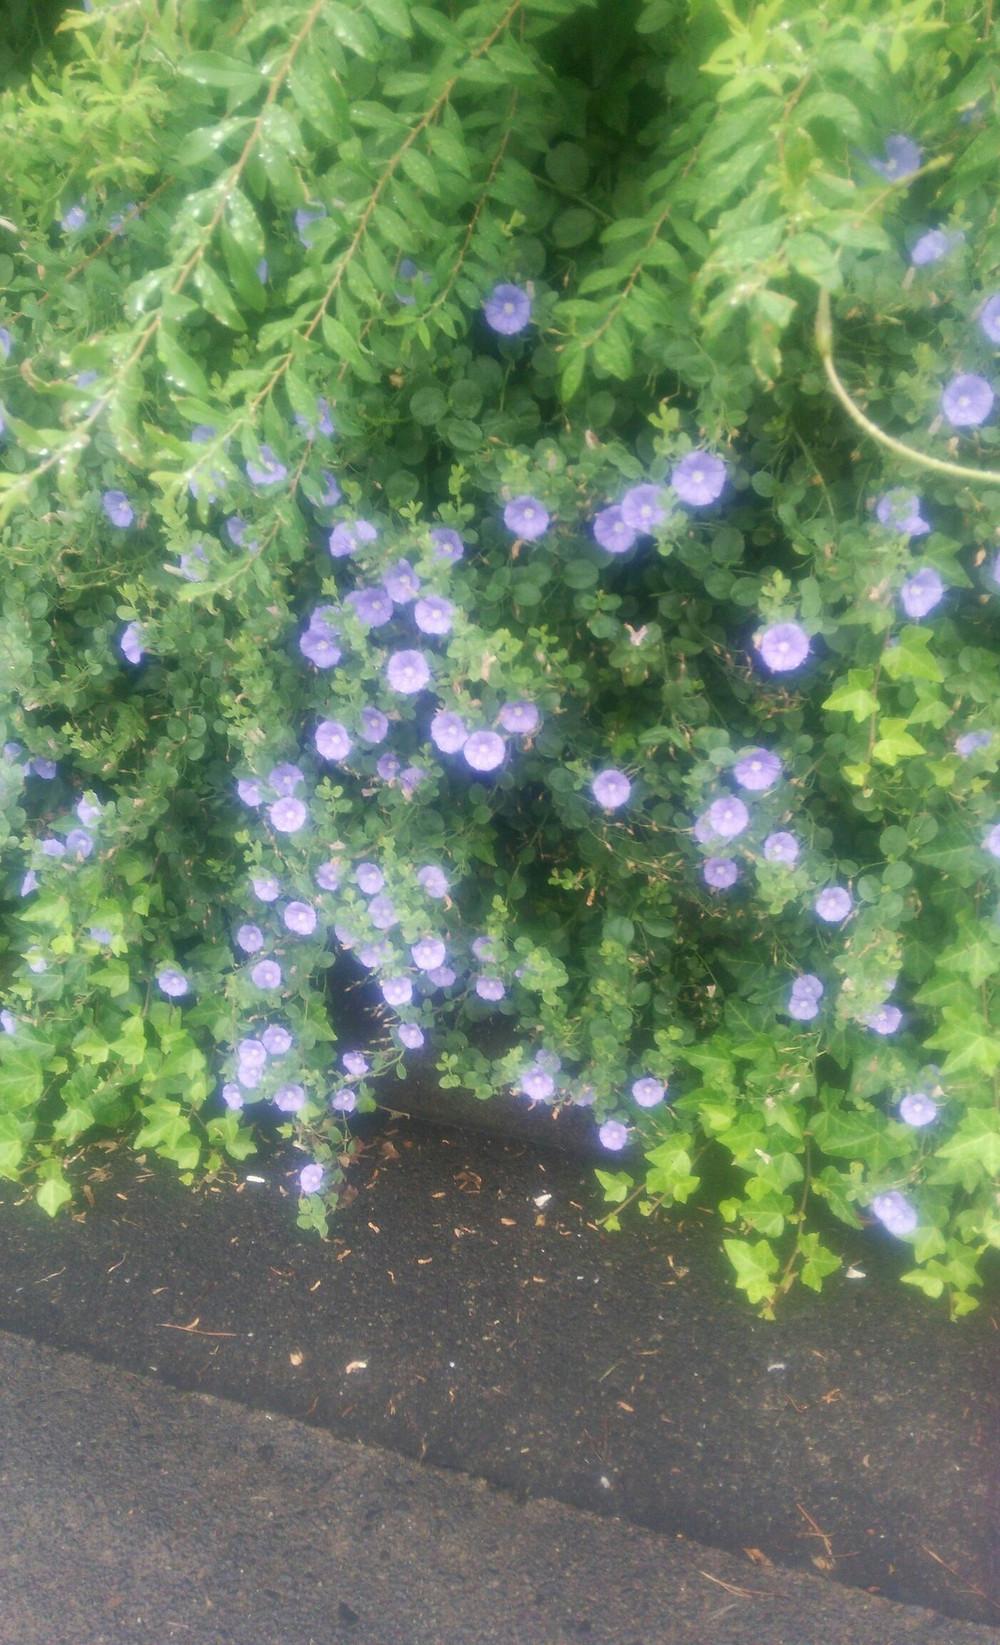 コンボルブルス - ガーデニング空花図鑑|剪定屋空